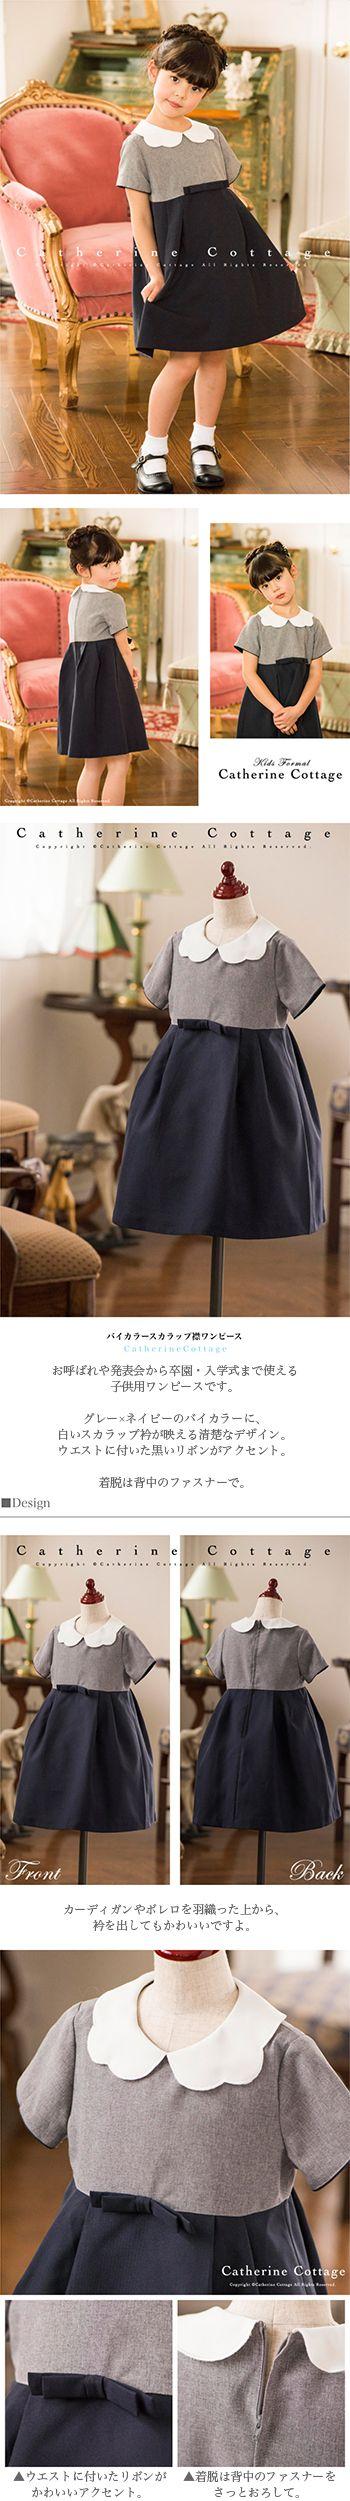 子供ドレスのキャサリンコテージ《本店》ワンピース・スーツ・フォーマル靴 / 子供スーツ(卒服・卒業式・入学式・女の子・男の子)